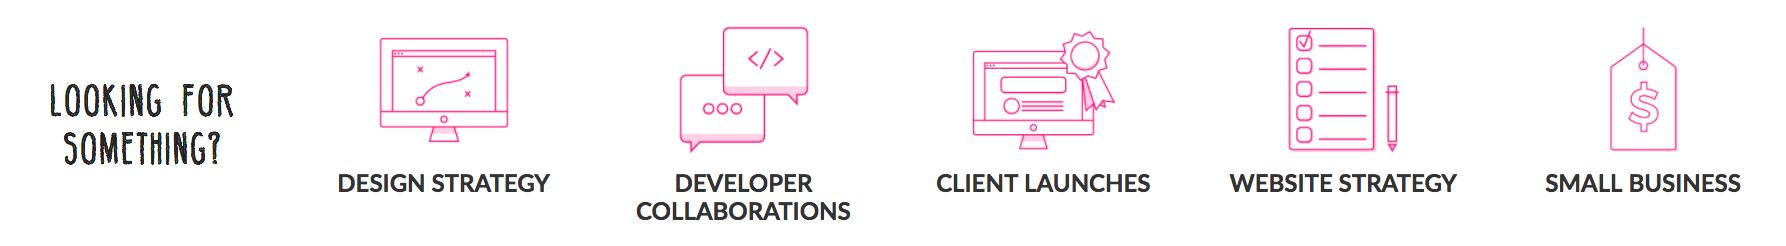 Blog categories for easy navigation